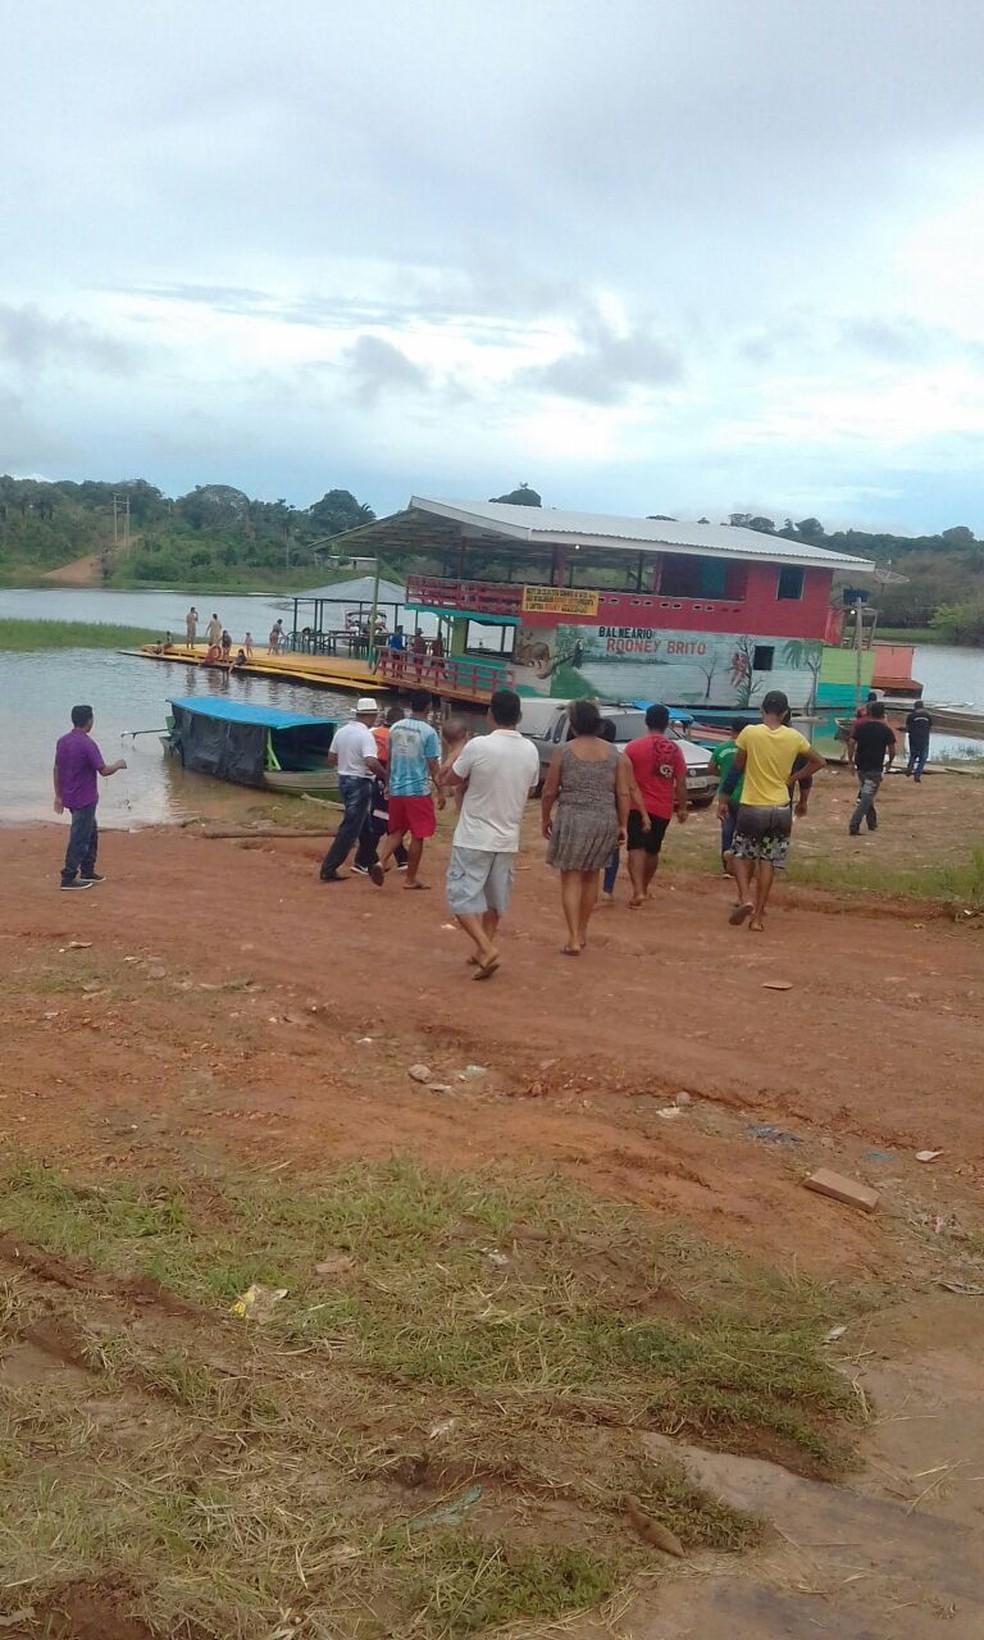 Comunitários ajudam em buscas por aeronave desaparecida em Urucurituba (Foto: Divulgação/Secretaria de Saúde de Urucurituba)